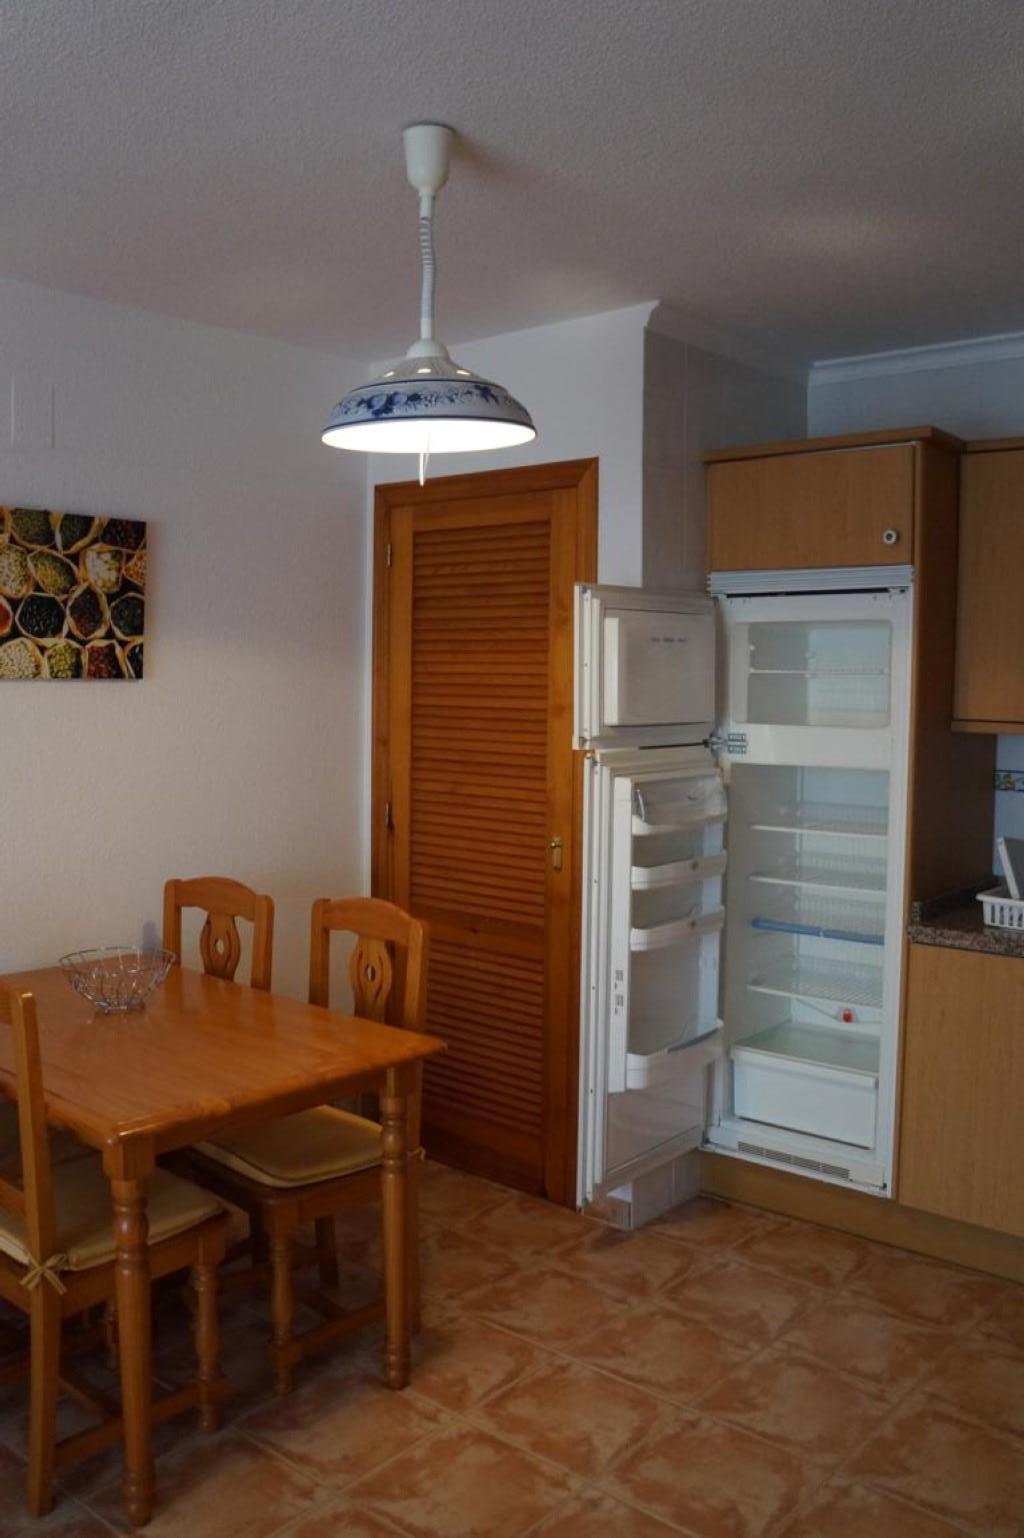 Appartement - Benitachell - #2183105-5